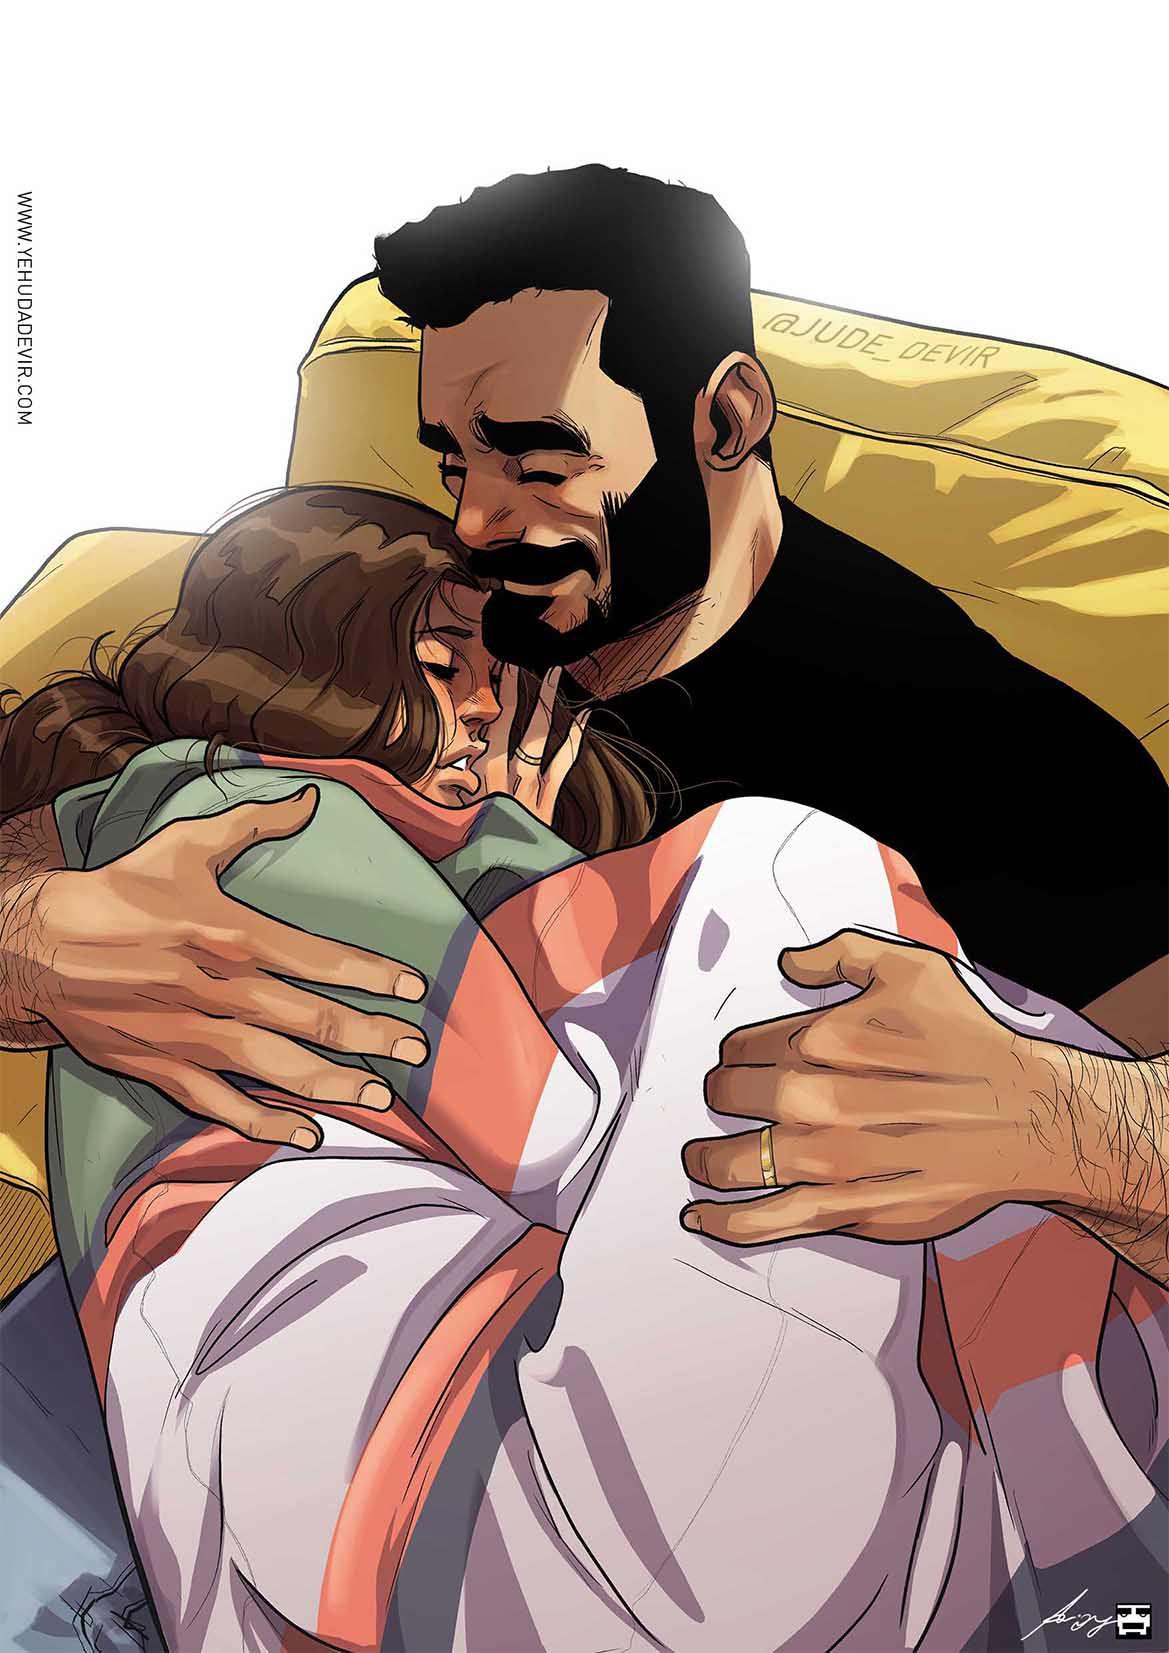 yehuda devir hugging